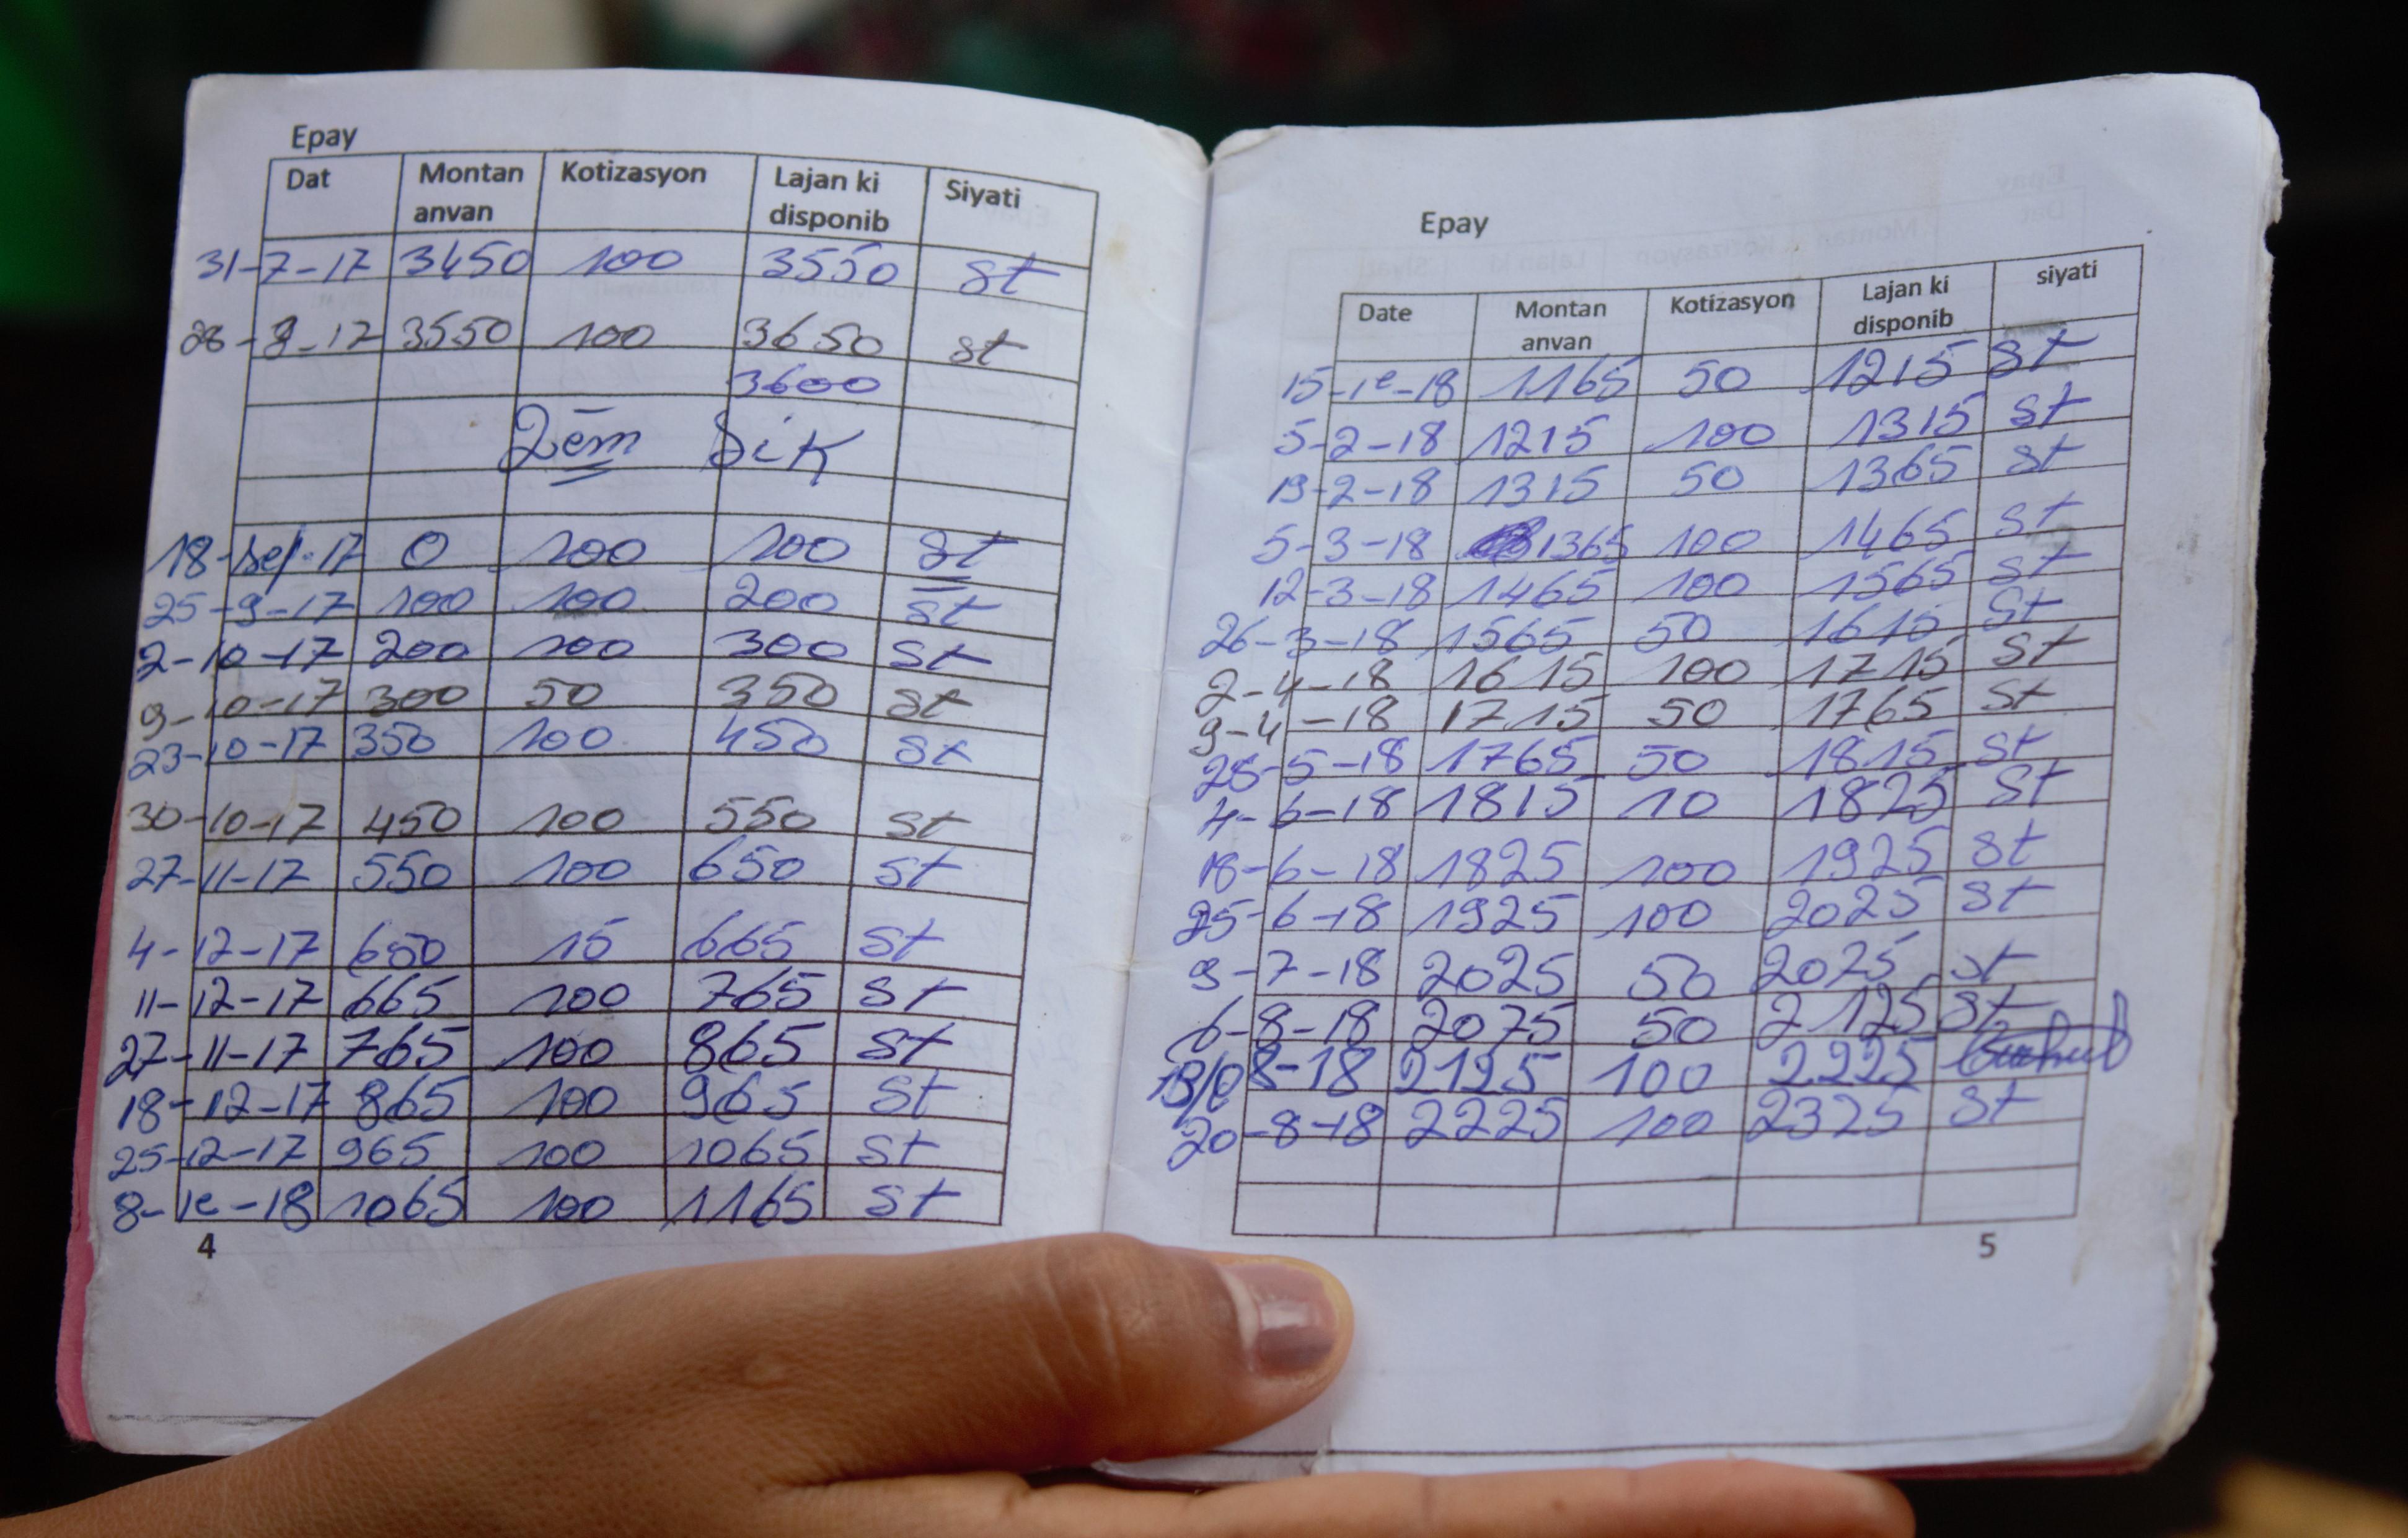 La libreta de uno de los niños mostrando los depósitos semanales.